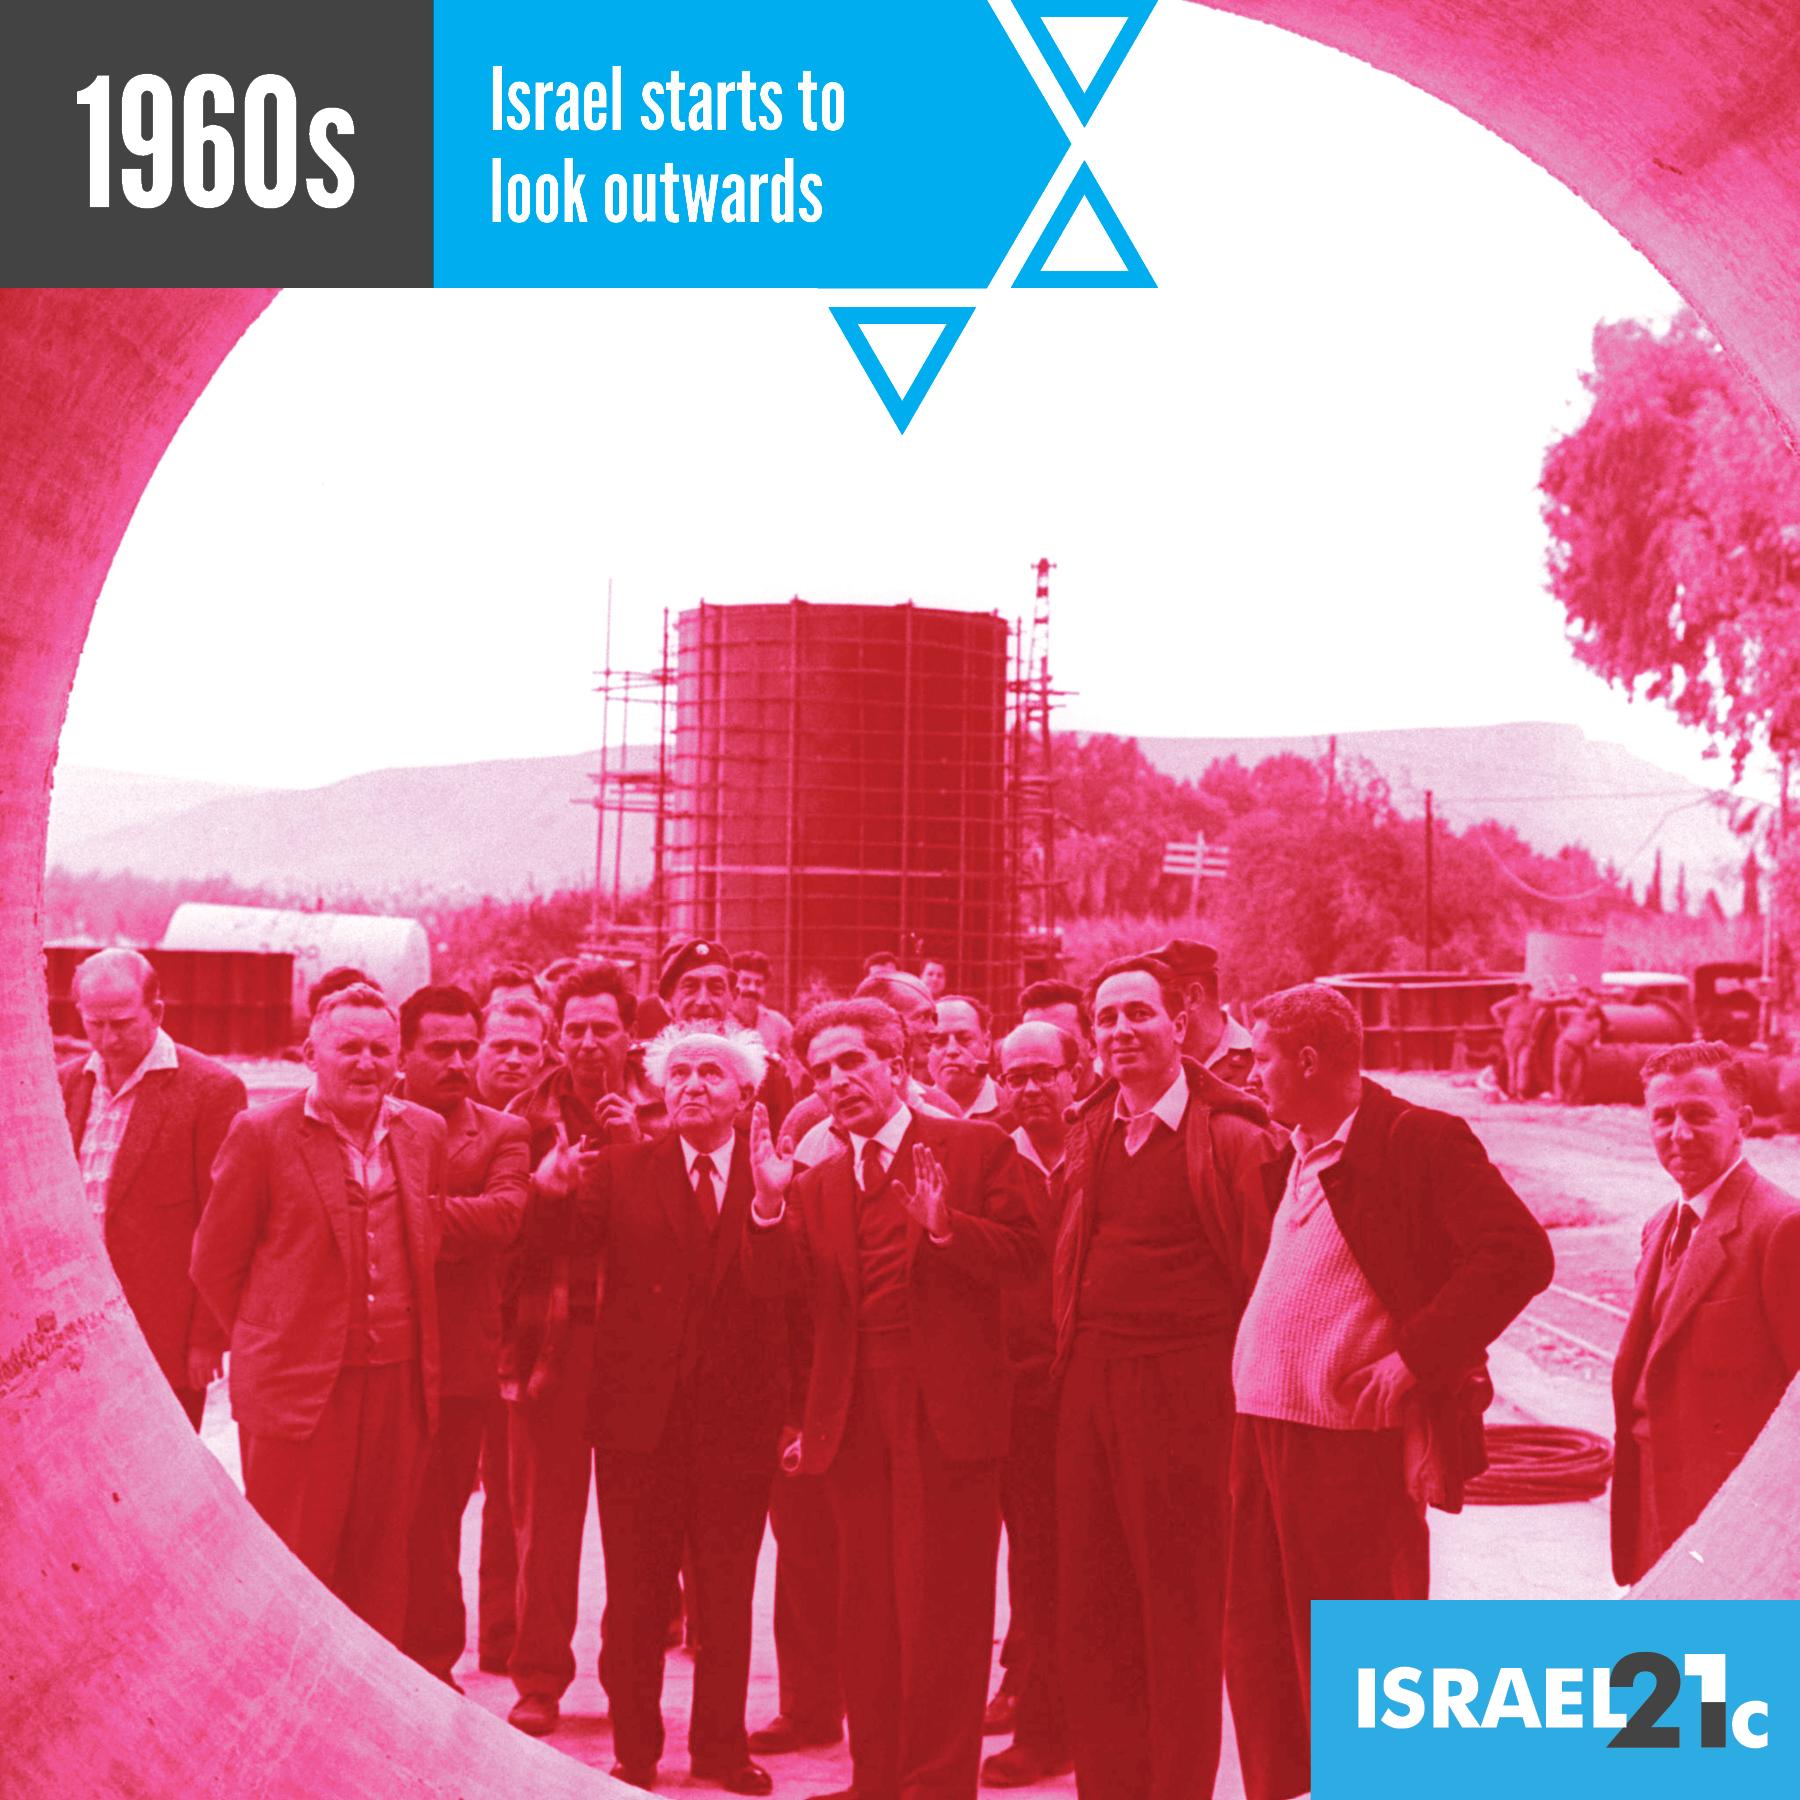 21c-israel70-slides-web3.jpg